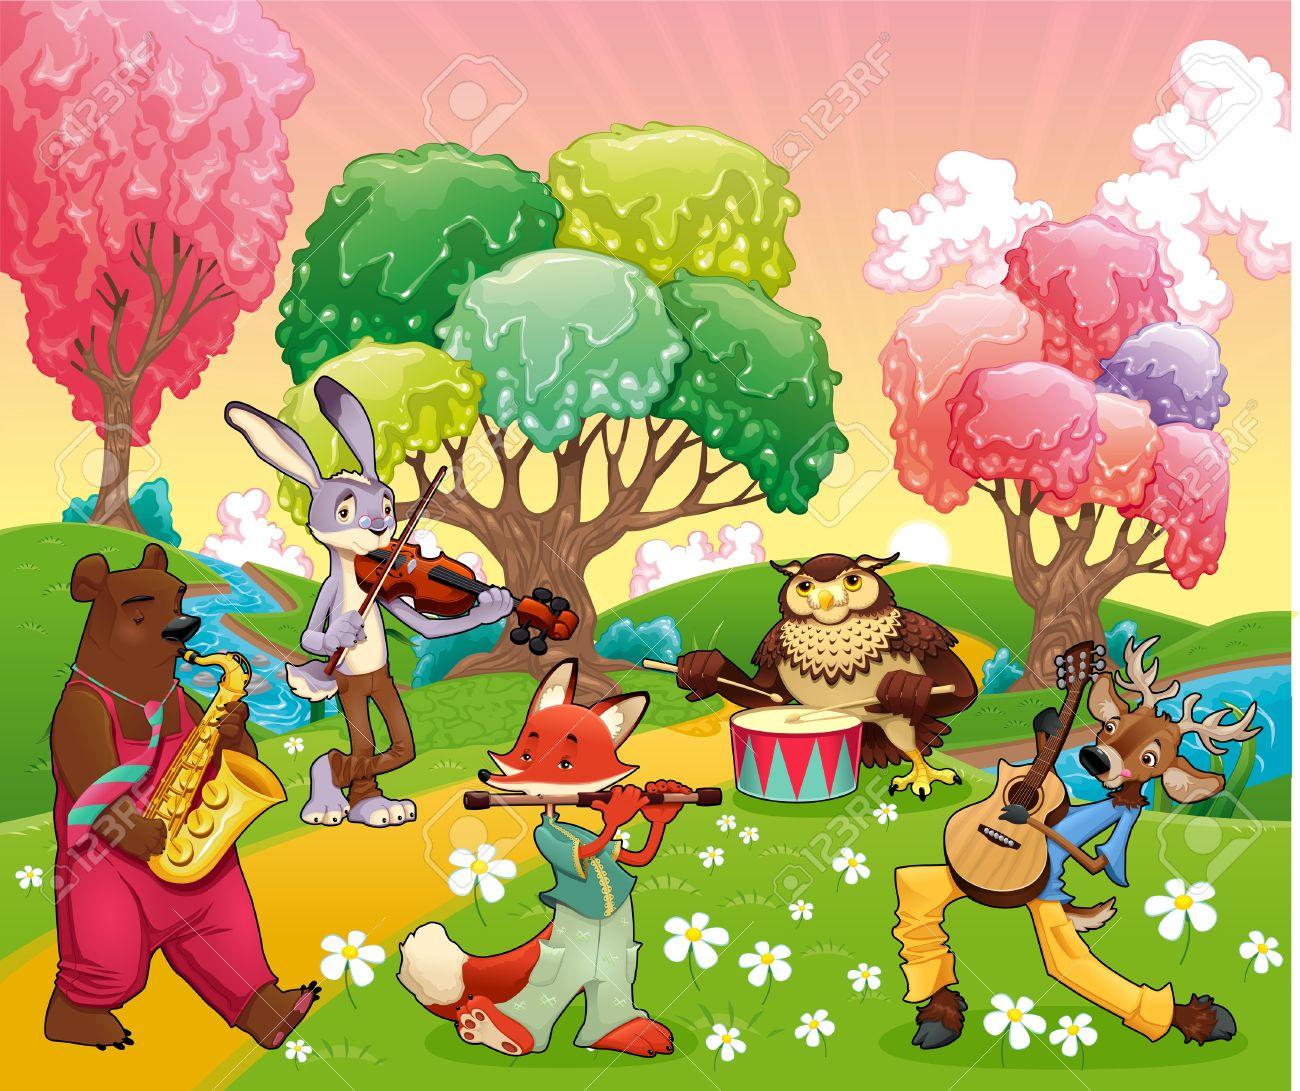 ベクターファンタジー風景でミュージシャンの動物漫画とベクトル